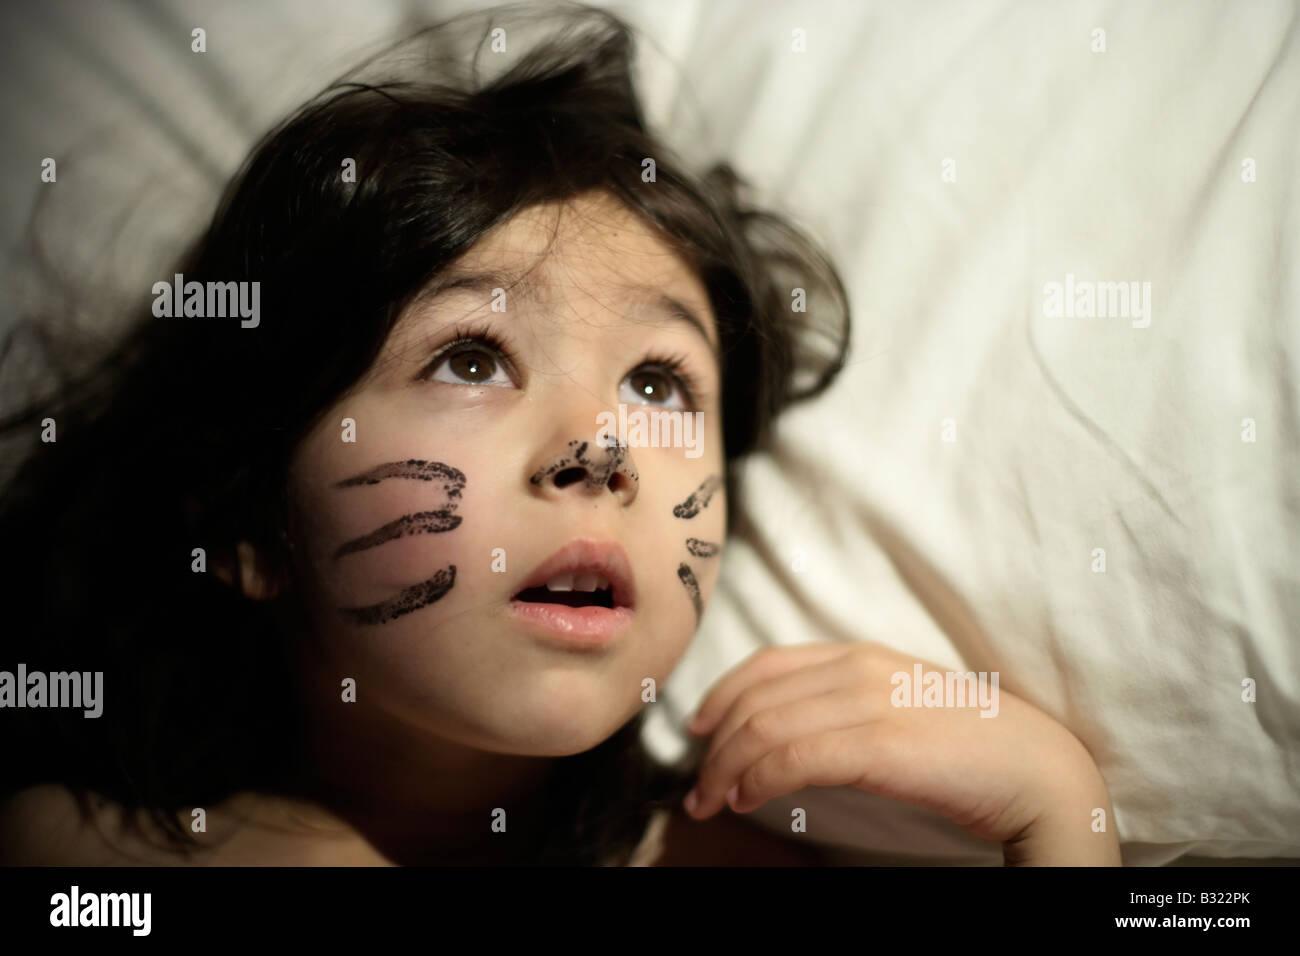 Fünf-Jahres-altes Mädchen mit des Vortages erwacht Gesicht malen. Sie spielte eine Katze in einer Schulaufführung Stockbild